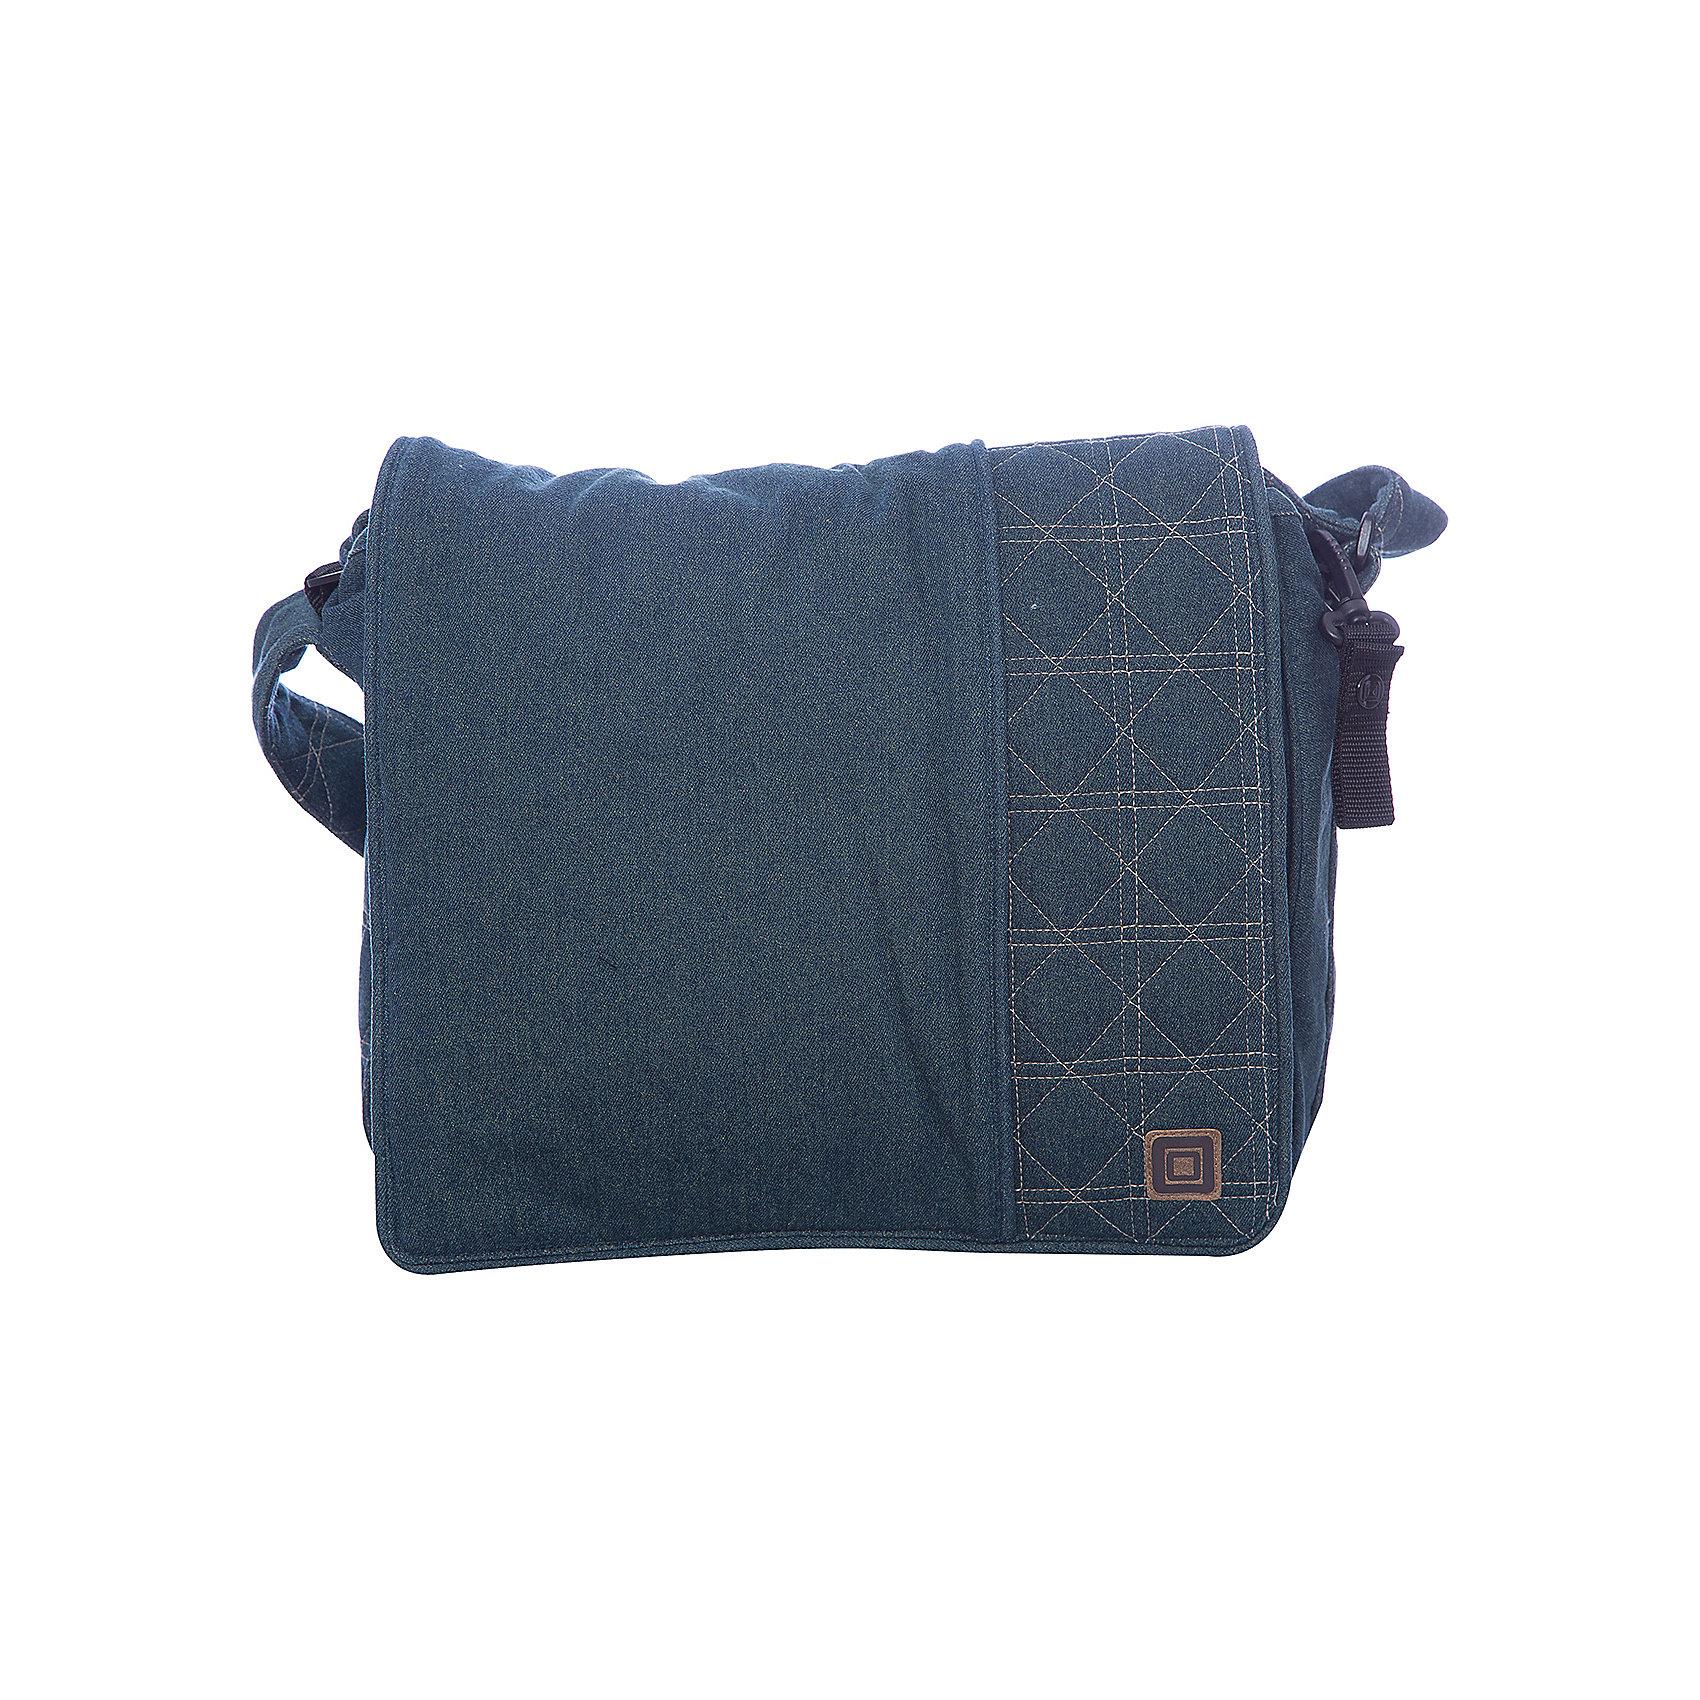 Сумка на коляску, Moon, JeansАксессуары для колясок<br>Стильная сумка от немецкого производителя детских колясок и аксессуаров – Moon, подойдет к любой коляске<br>В комплекте:<br>• Пеленальный матрасик<br>• Кошелек для мелочей<br>• 3 больших внутренних кармана, есть отделение для смены подгузников, 8 кармашков на сетке для мелочей.<br>• Магнитная застежка<br>• Ручка для переноски, универсальное крепление на коляску<br><br>Ширина мм: 450<br>Глубина мм: 350<br>Высота мм: 100<br>Вес г: 350<br>Возраст от месяцев: 0<br>Возраст до месяцев: 36<br>Пол: Унисекс<br>Возраст: Детский<br>SKU: 5485136